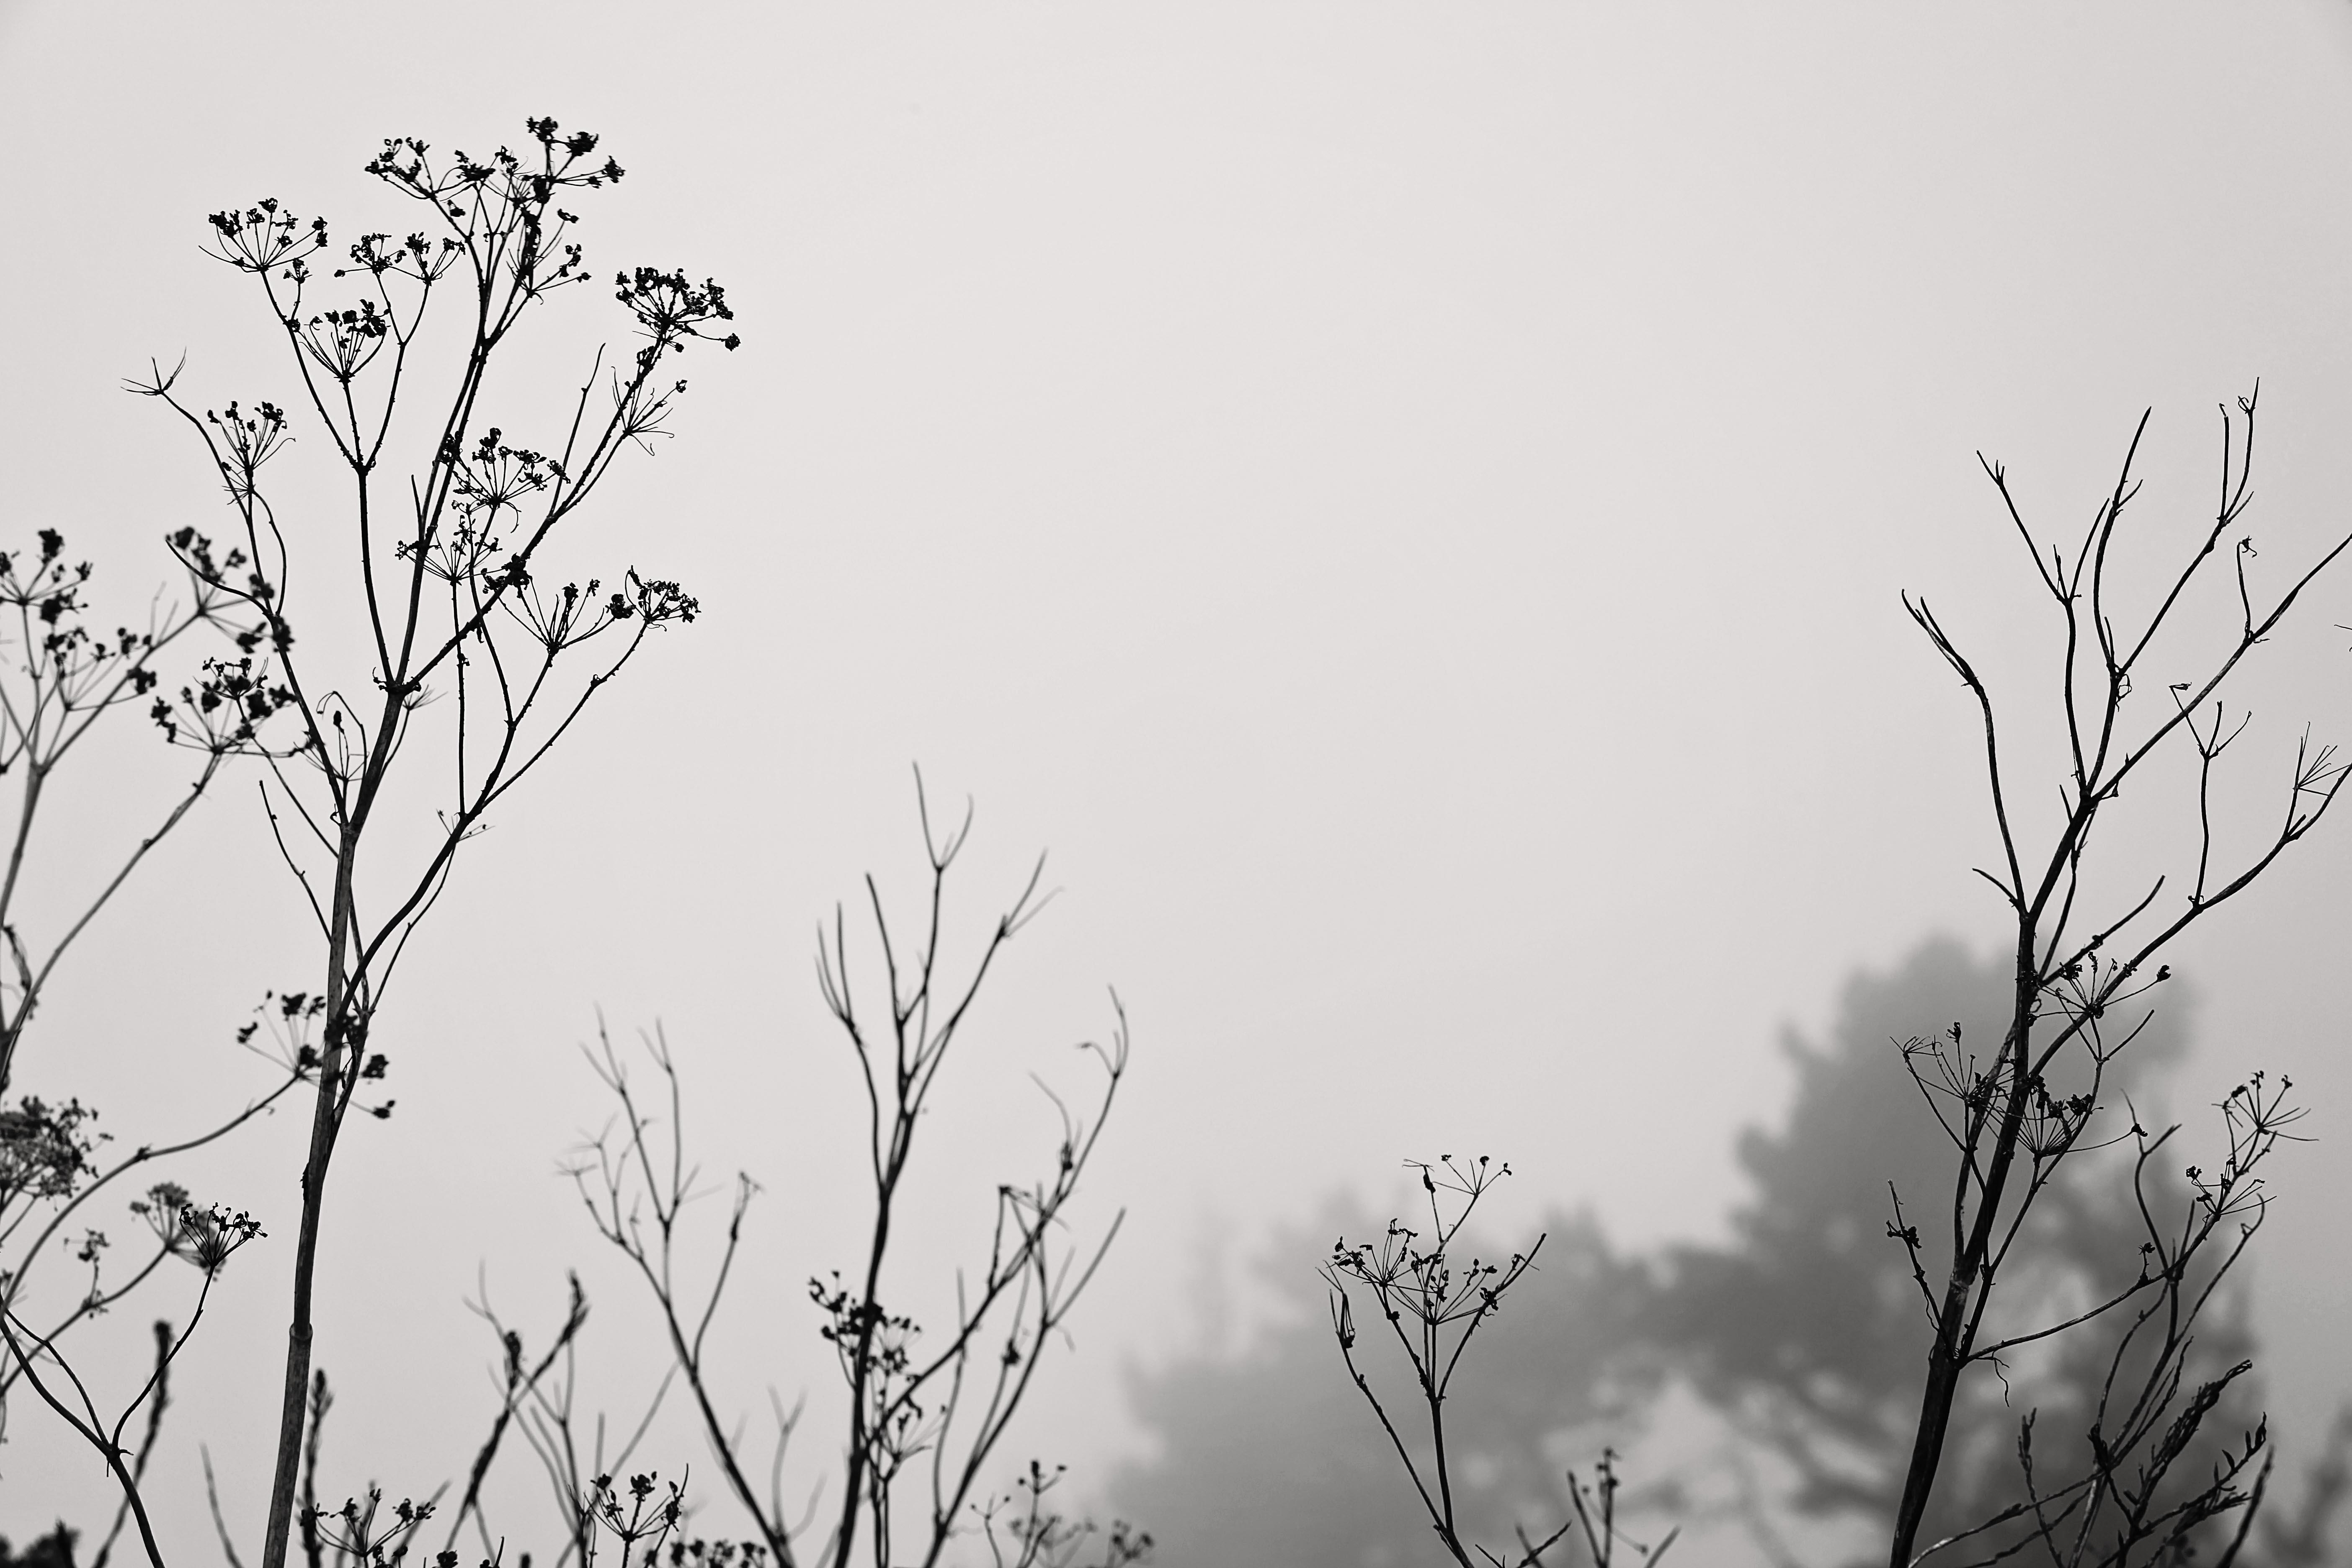 muir weeds